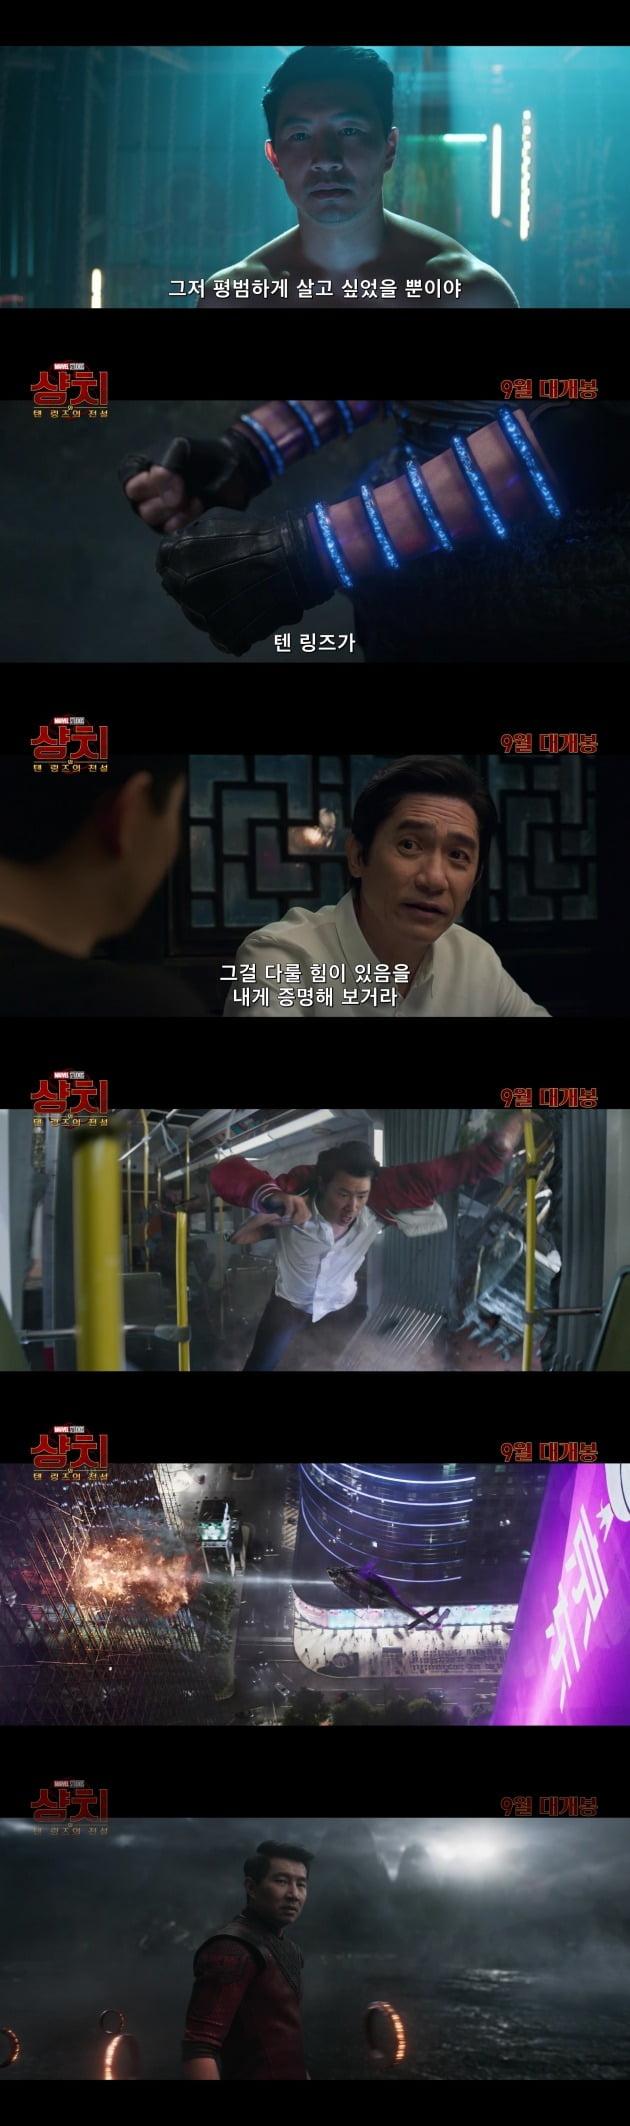 영화 '샹치와 텐 링즈의 전설' 예고편 / 사진제공=월트디즈니컴퍼니 코리아